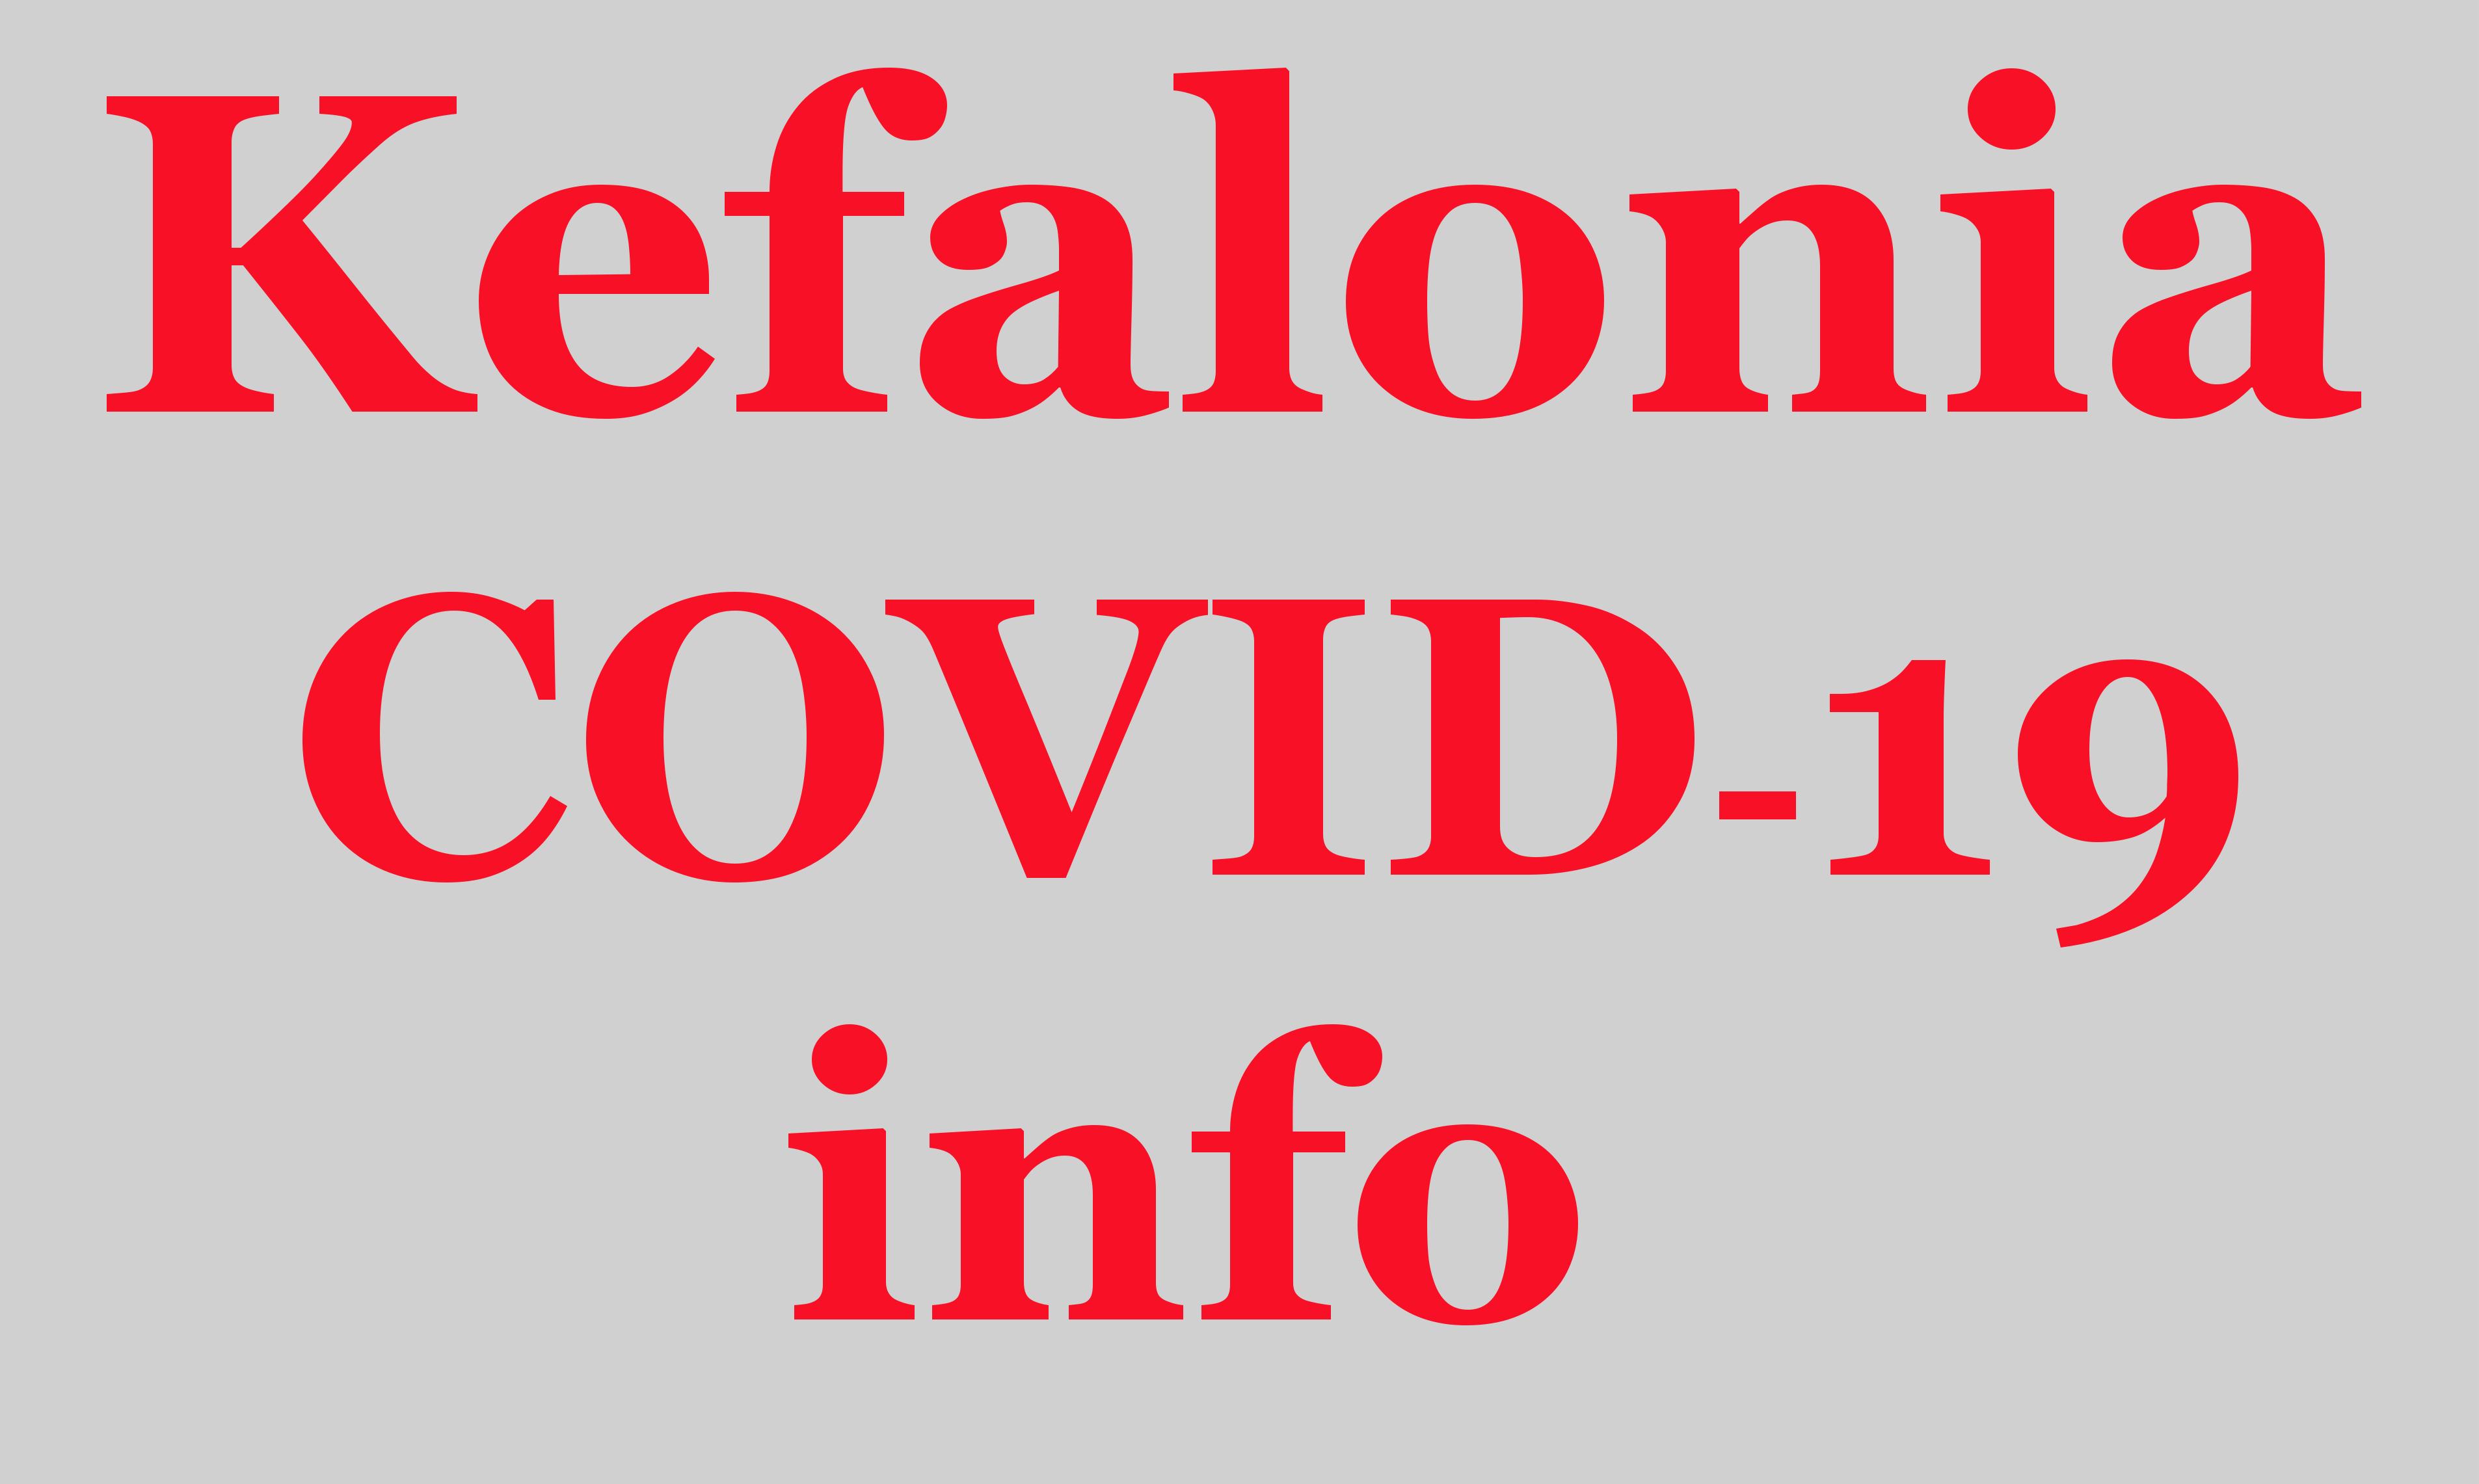 Kefalonia COVID-19 info